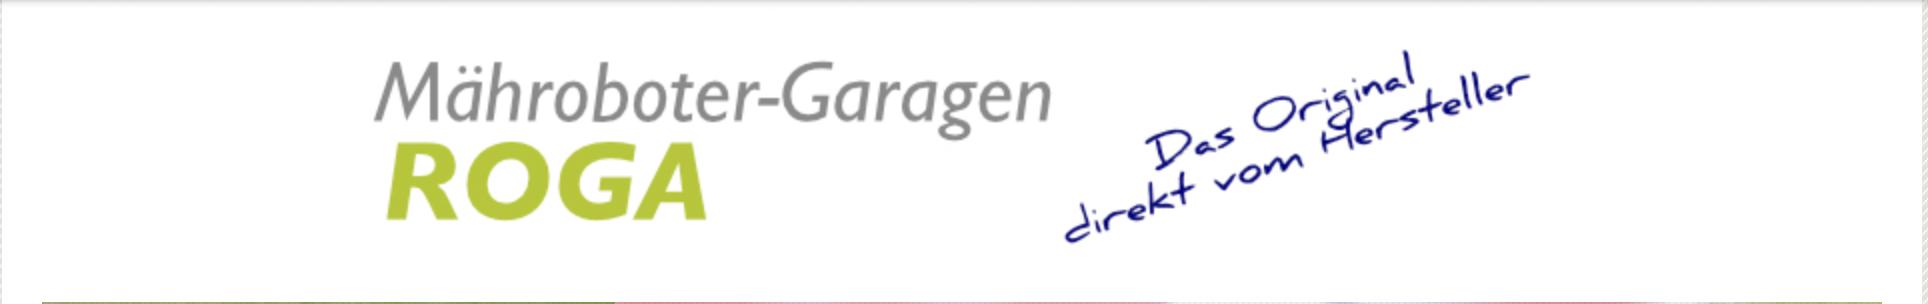 Roga - Mähroboter-Garagen - Das Original